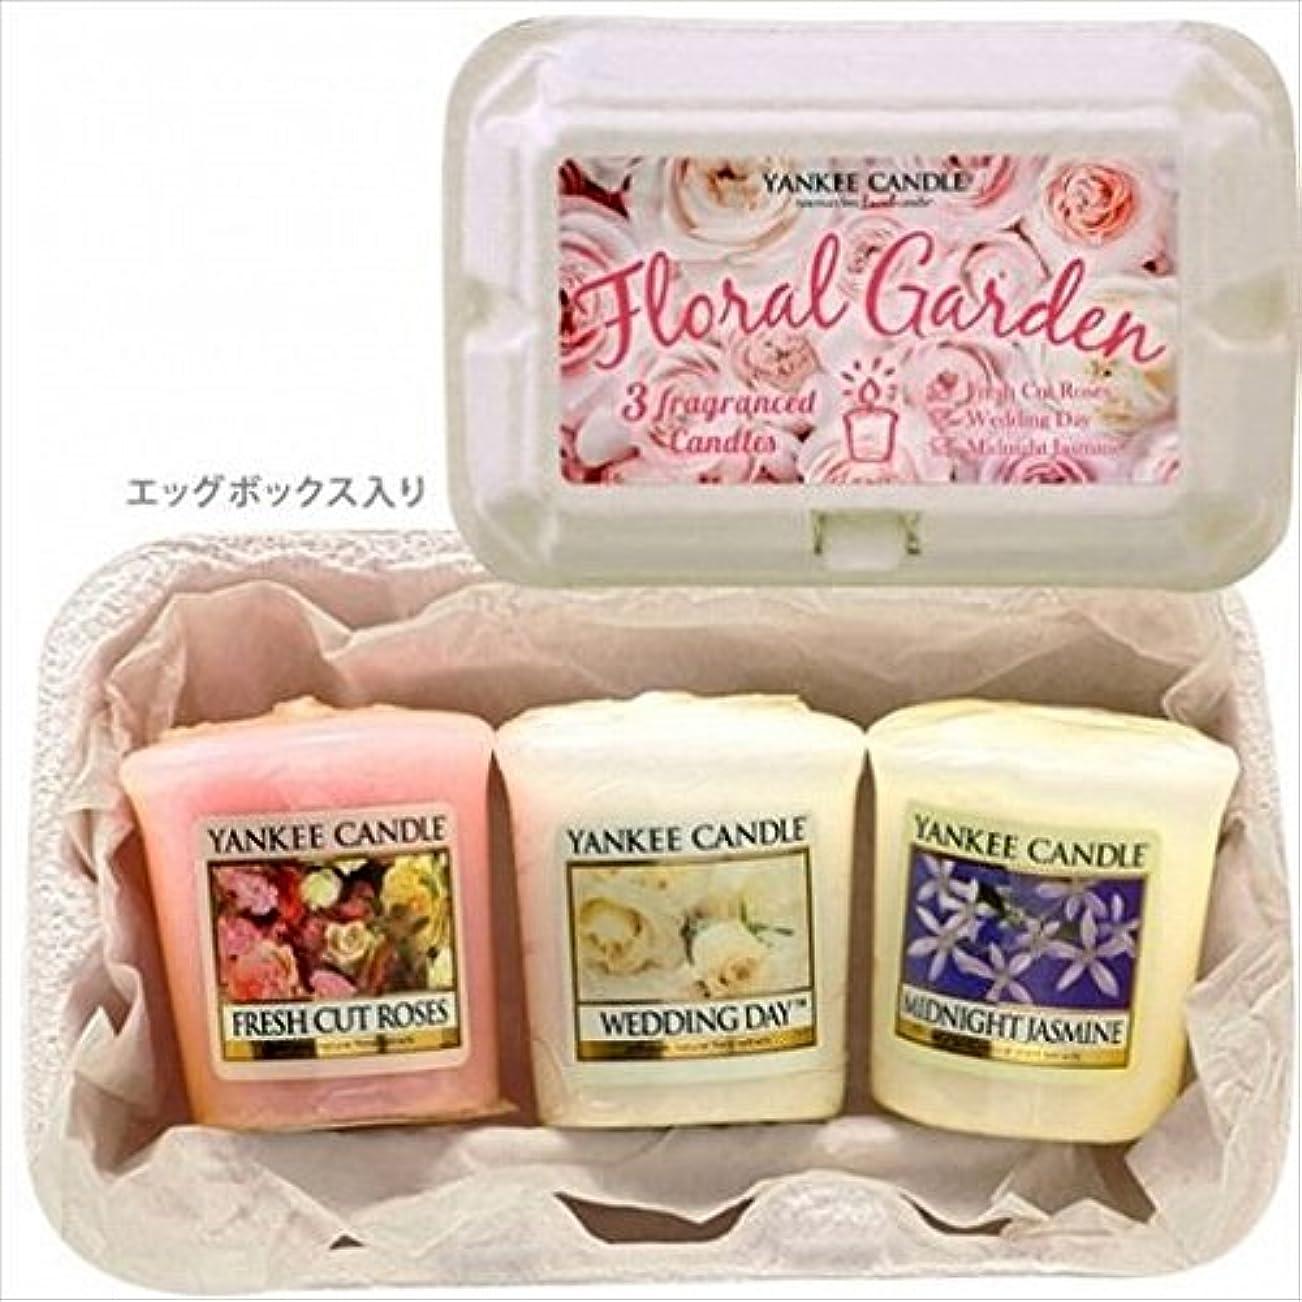 パースペナルティパイントYANKEE CANDLE(ヤンキーキャンドル) YANKEE CANDLE サンプラーアソート 「 フローラルガーデン 」(K5112001)